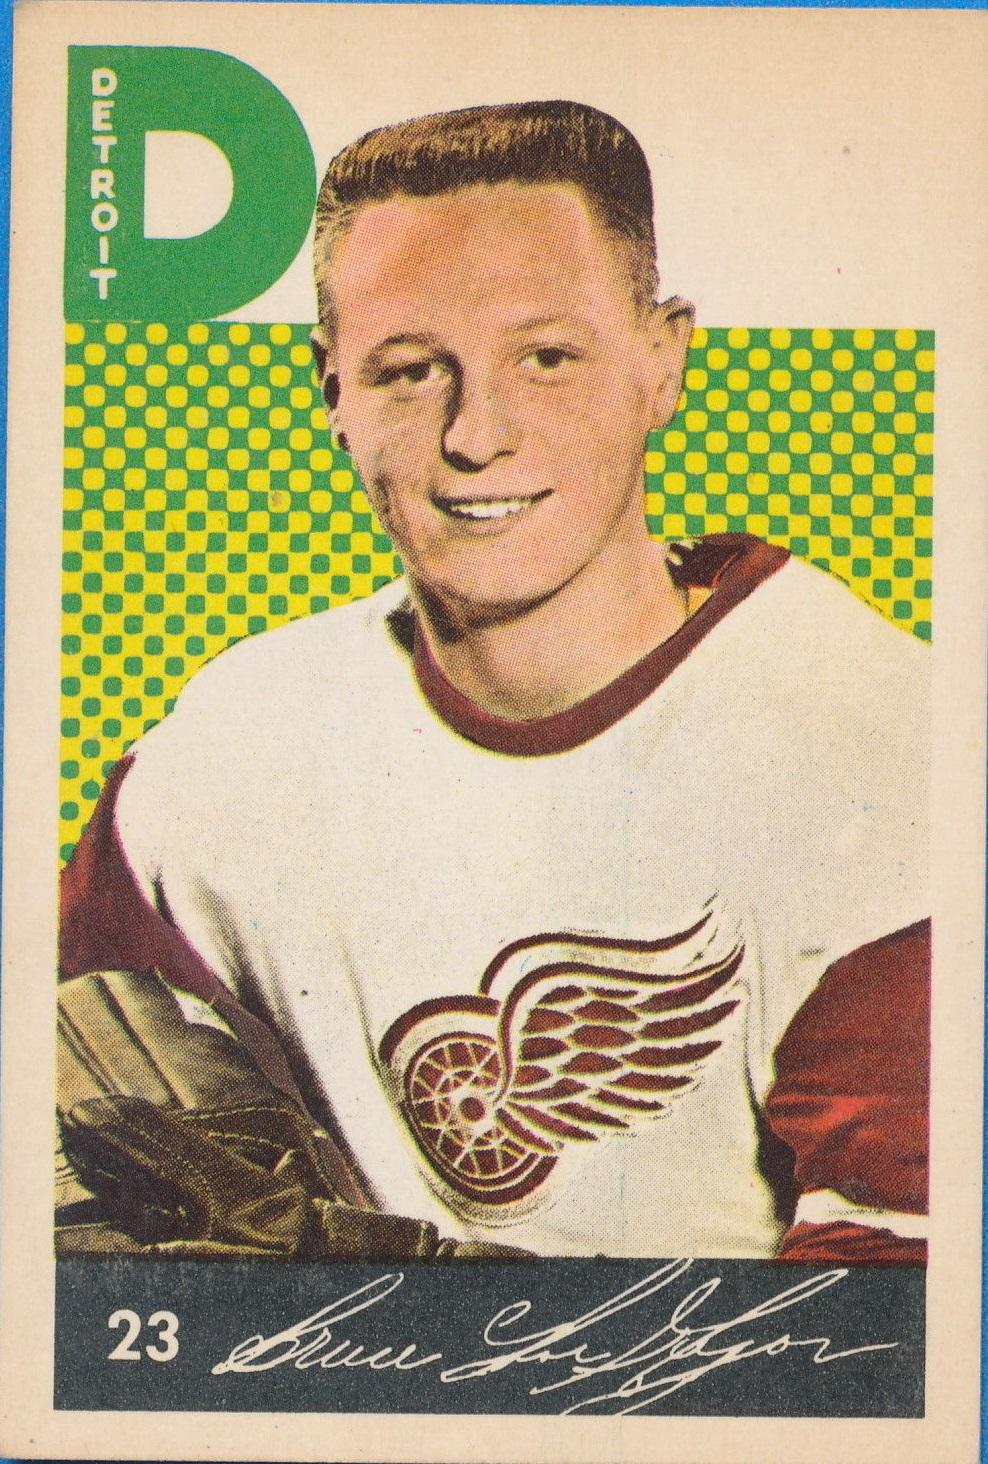 1962-63 Parkhurst #23 Bruce MacGregor RC